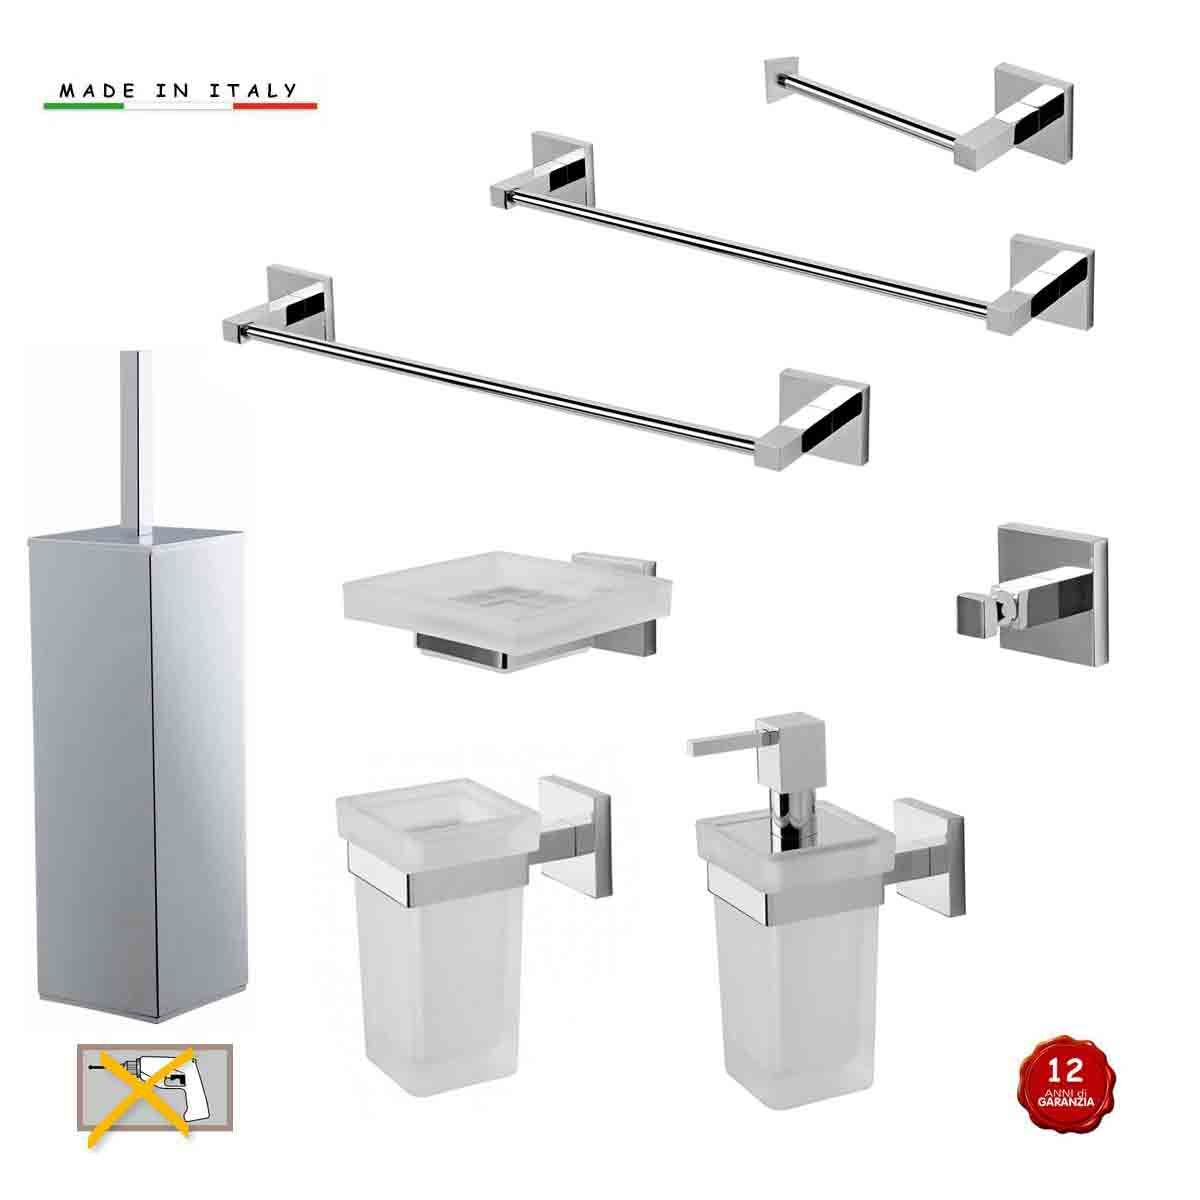 Linea G Accessori Bagno.Kit Accessori Bagno Serie Gea 8 Pezzi Lineag